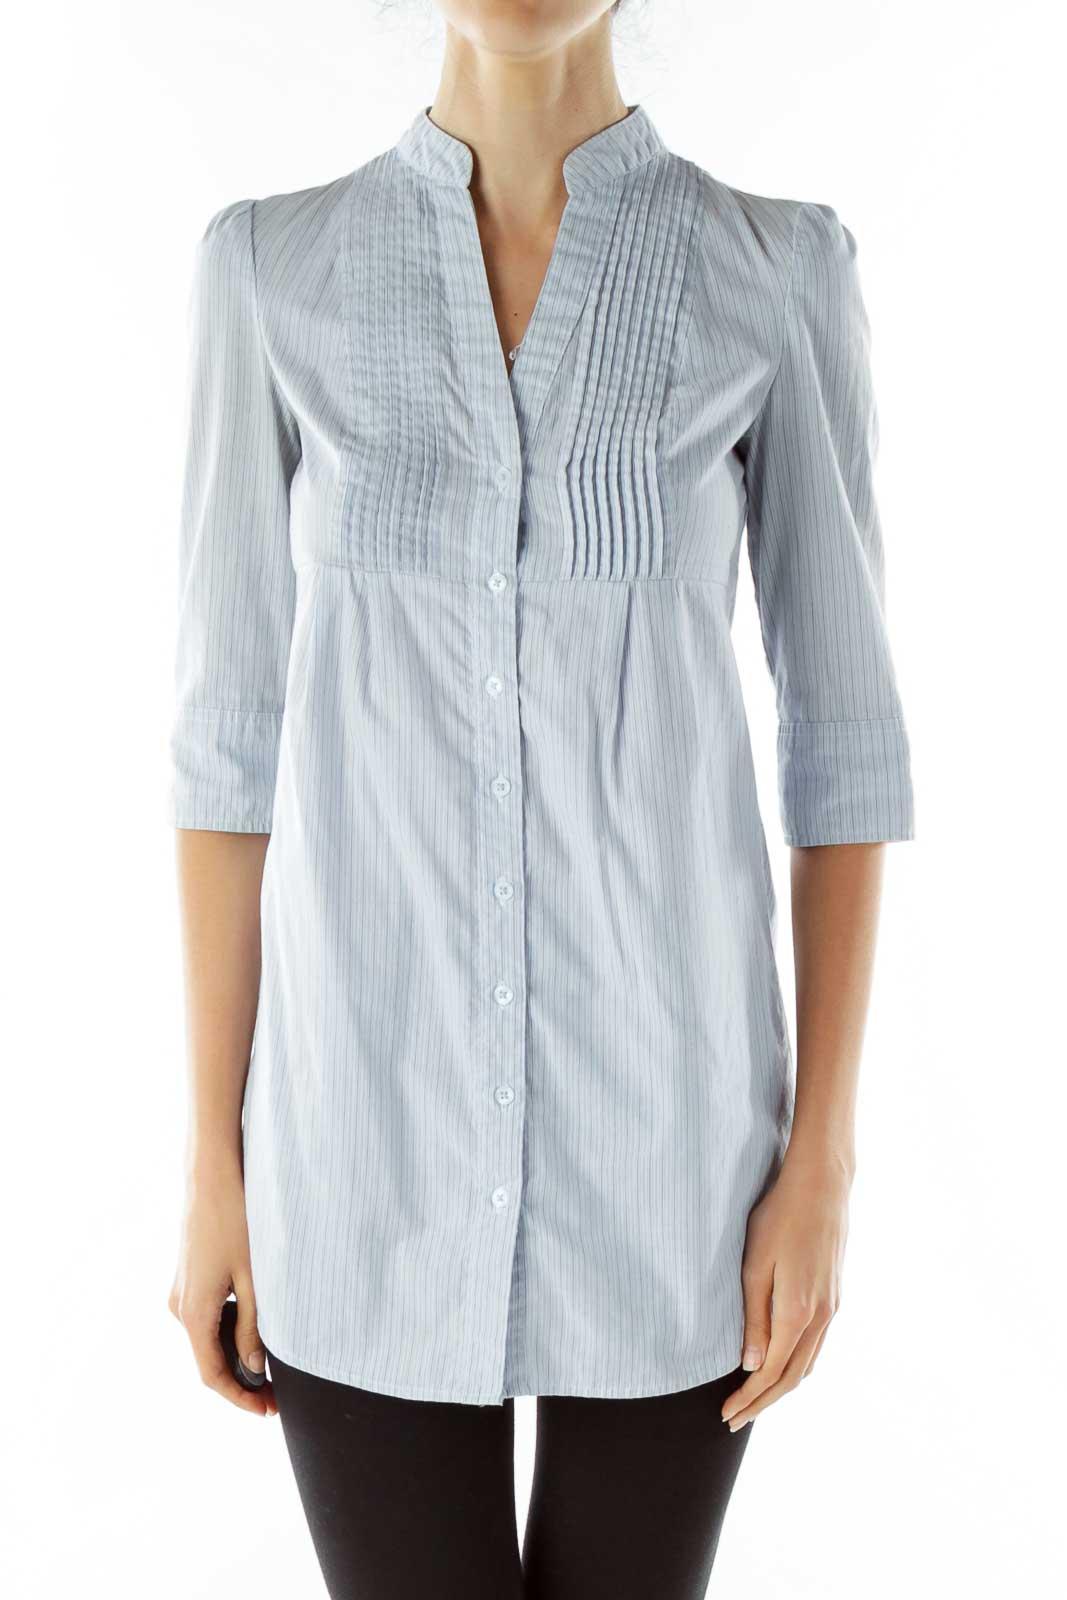 Blue Pinstripe Shirt Dress Front